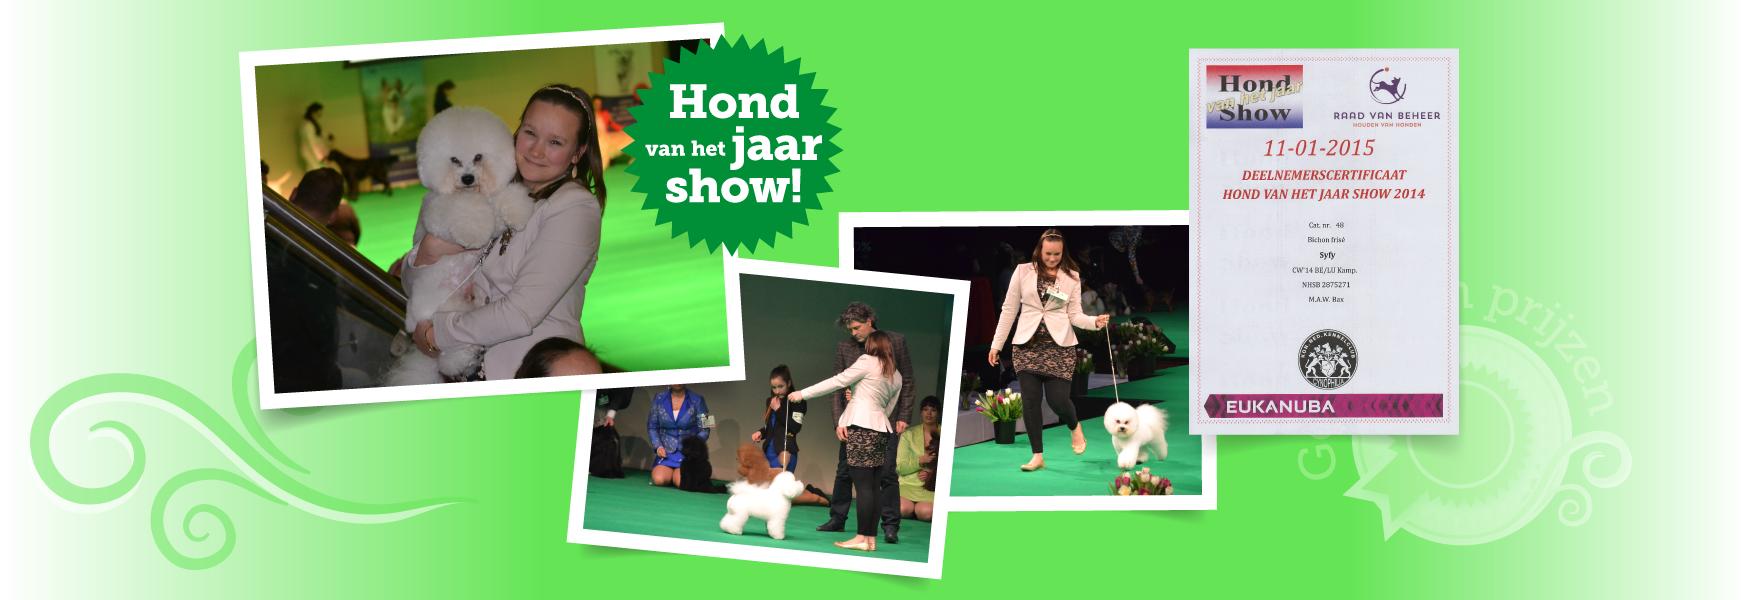 slide-07_hond_vh_jaar_show